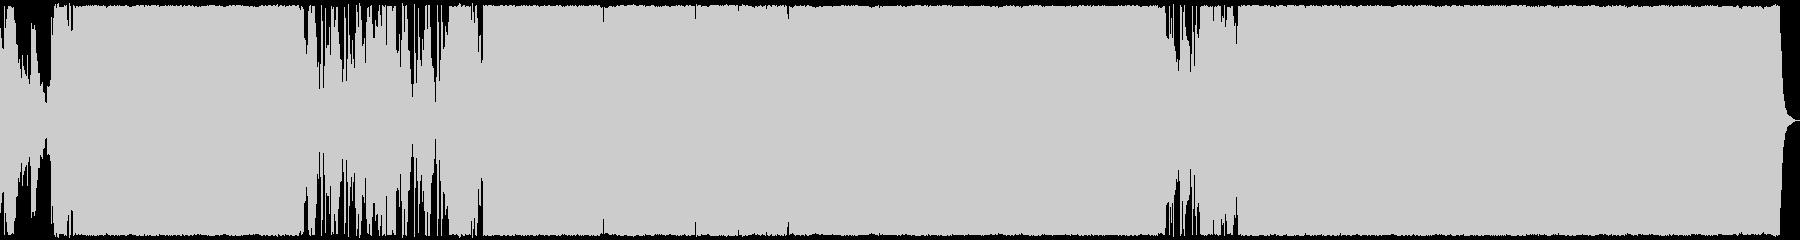 壮大で感動的なロックバラード(サックス)の未再生の波形